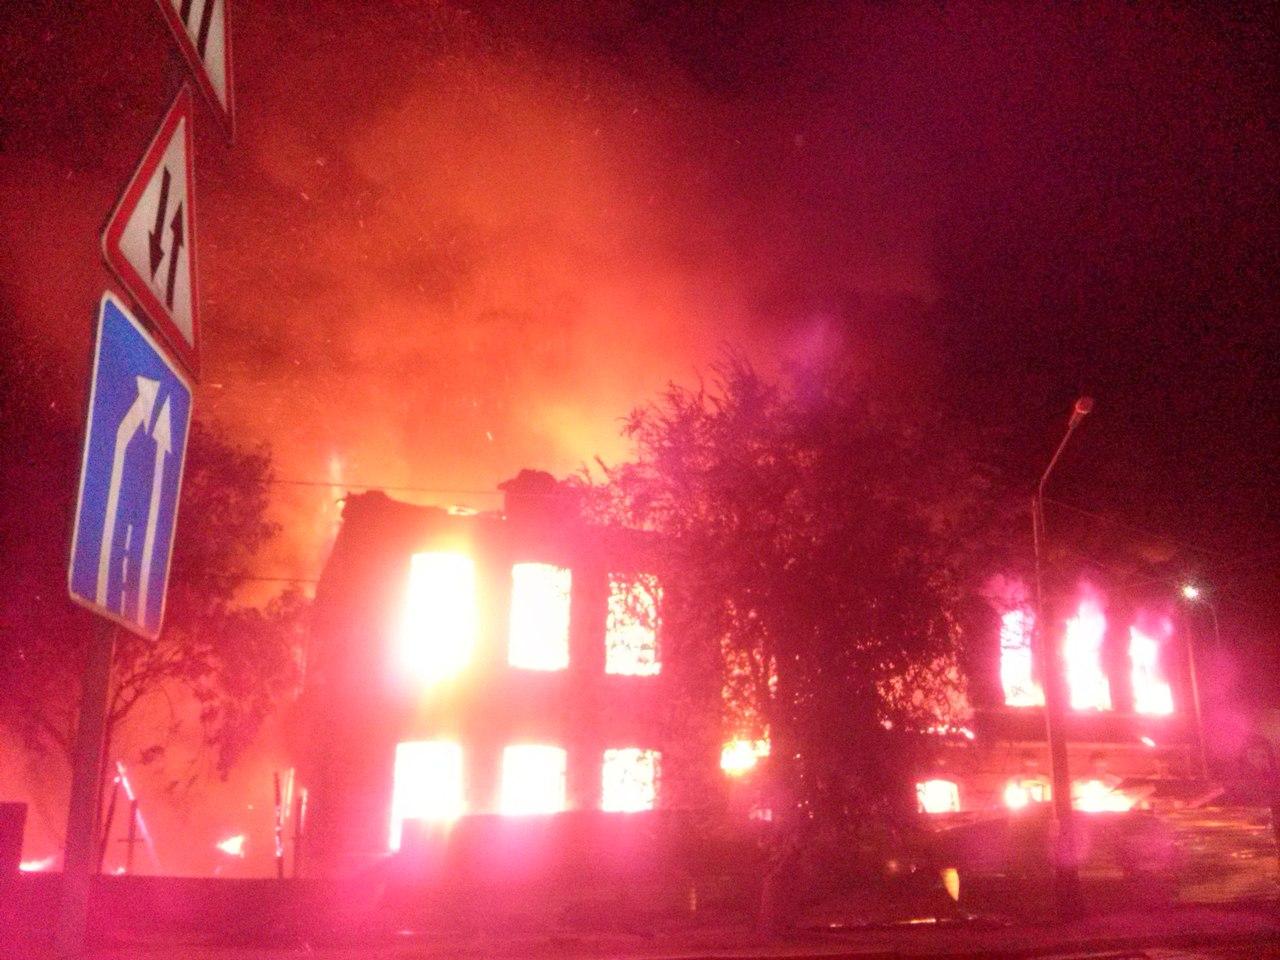 images novosti2 Proisshestviya Pozhar s2po1q2y qk Крупный пожар уничтожил два старинных здания в Астрахани